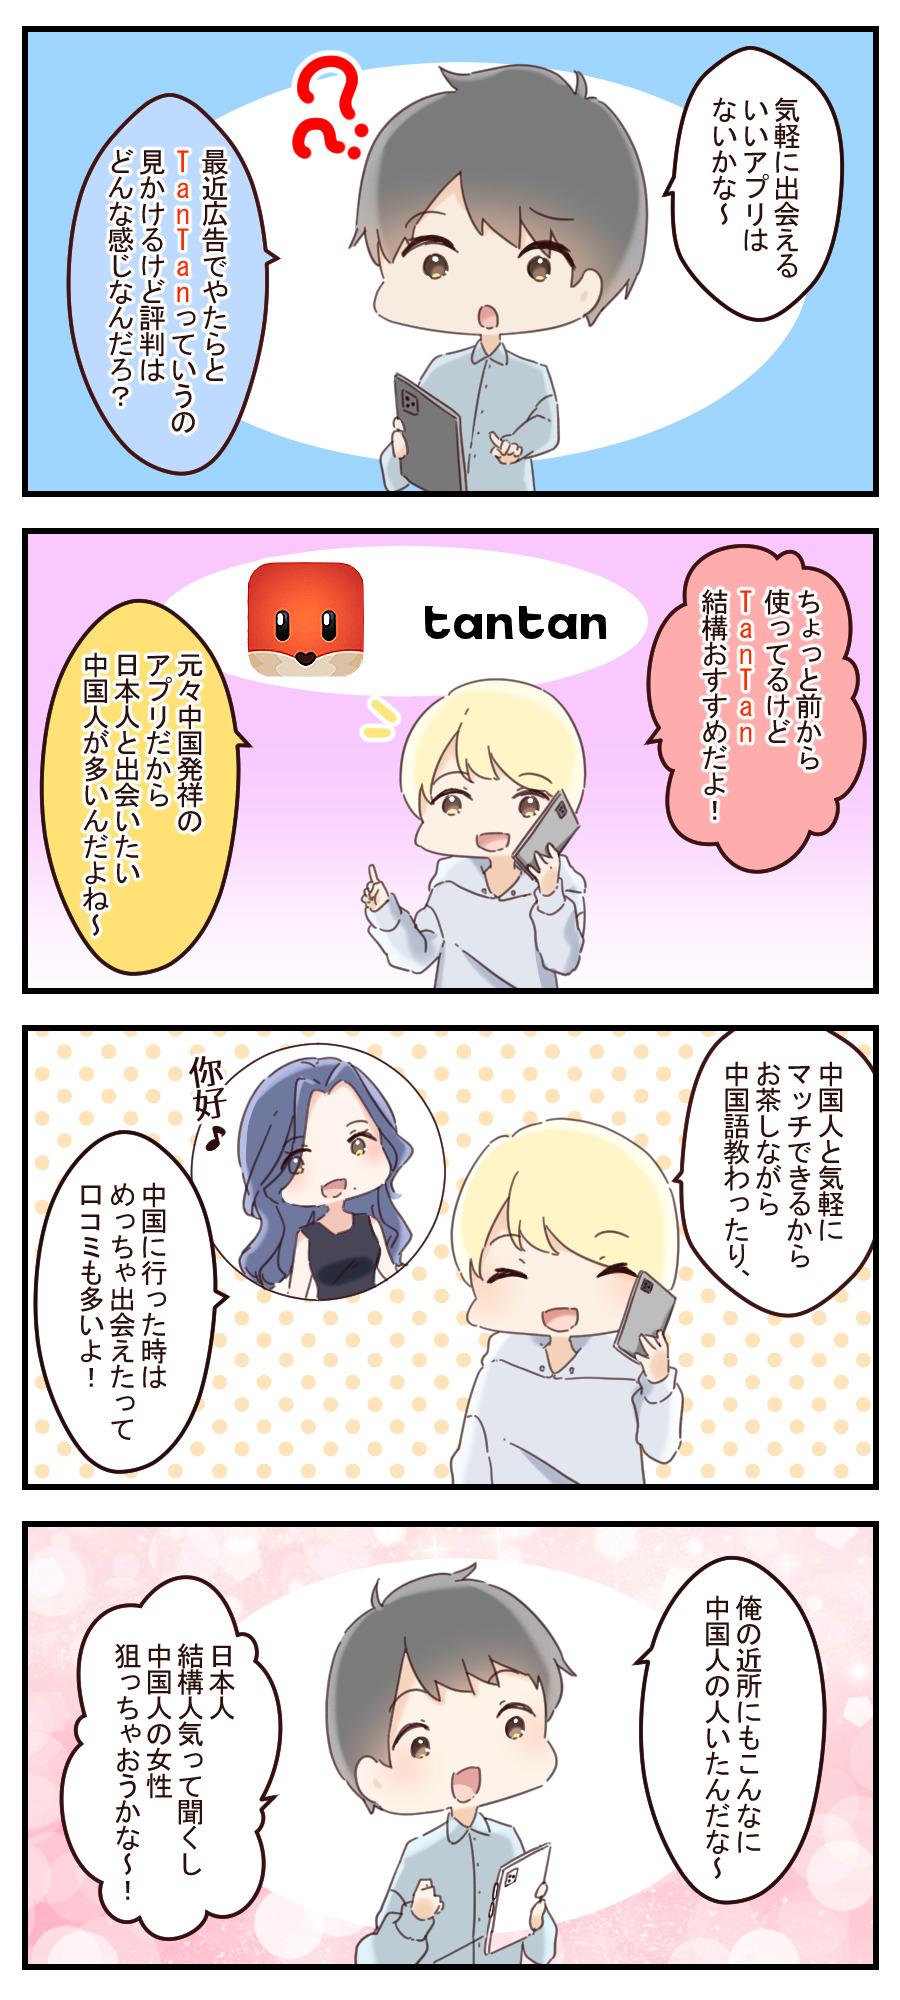 TanTan(タンタン)の評判・口コミ